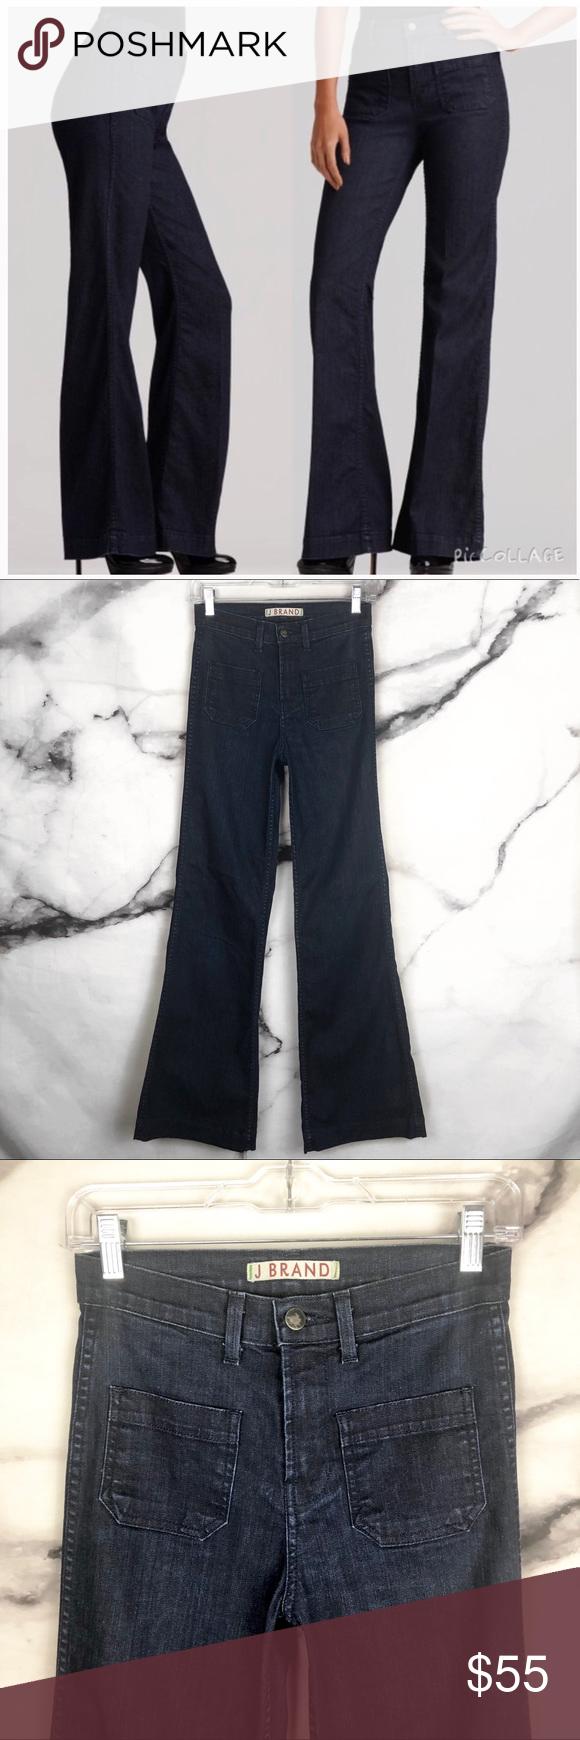 Косметика jeans купить в москве купить косметику гиттин в спб